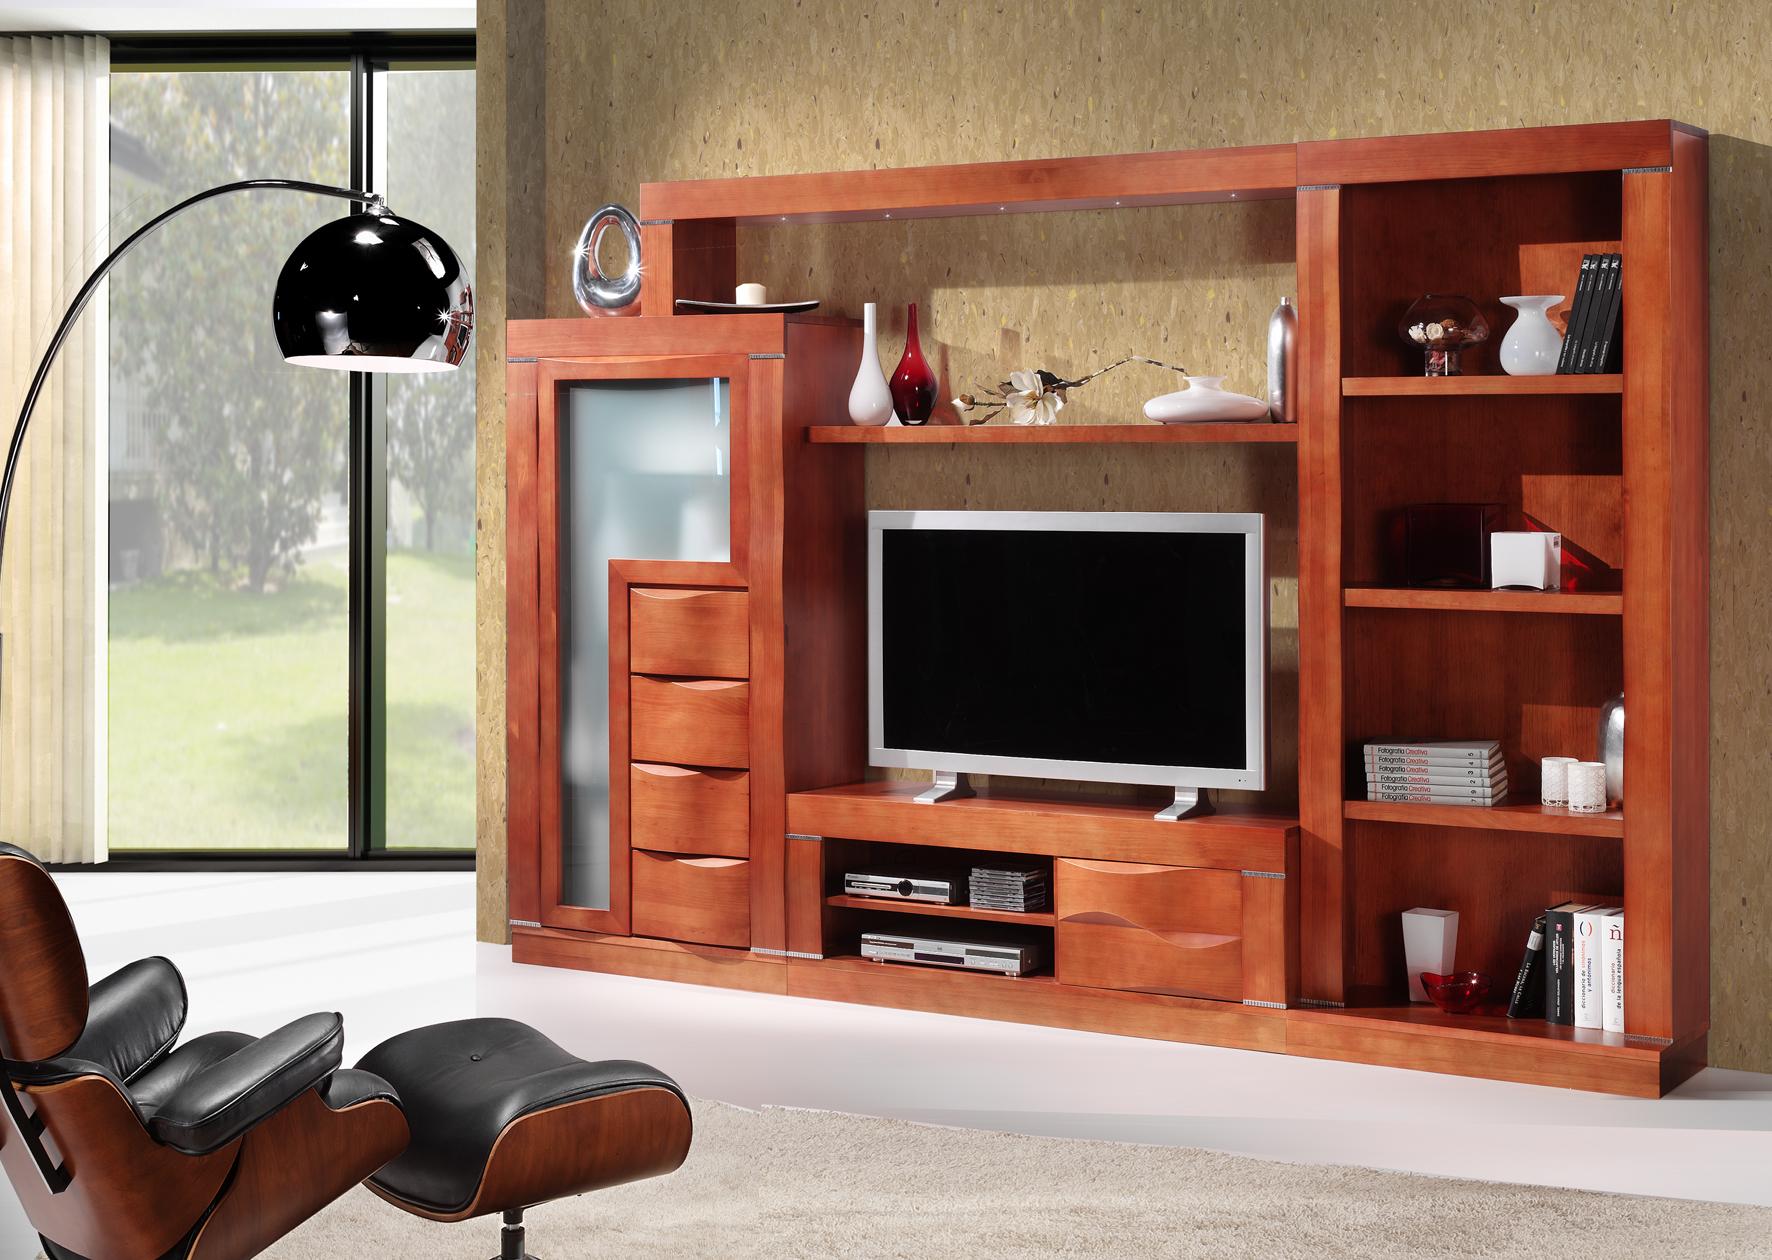 Muebles de madera maciza muebles madera natural mesa for Muebles salon madera maciza